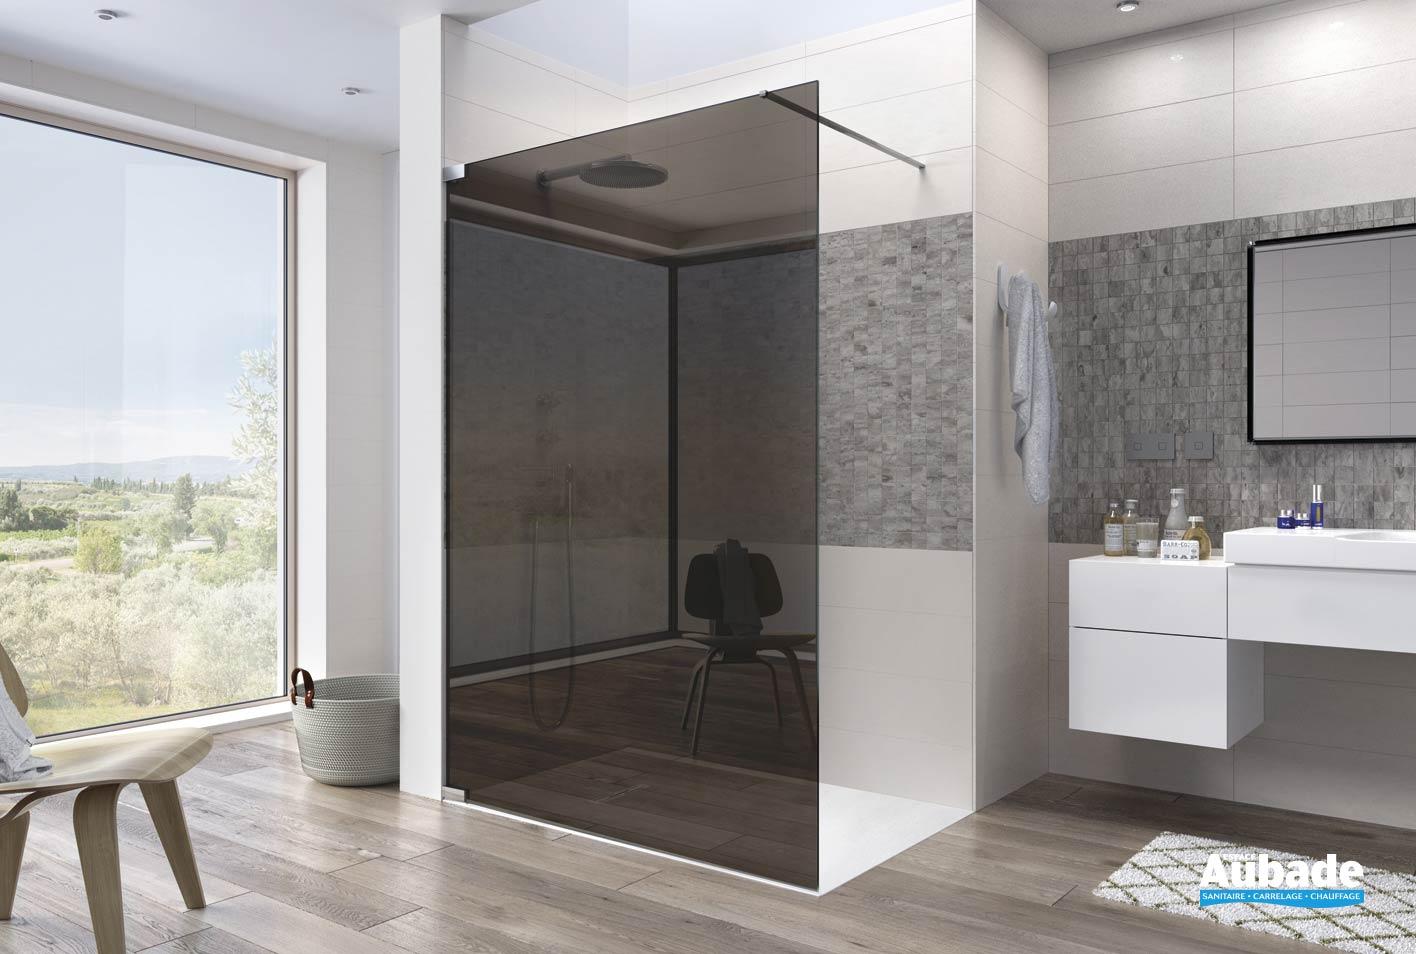 parois de douche kinequartz ouvert kinedo espace aubade. Black Bedroom Furniture Sets. Home Design Ideas